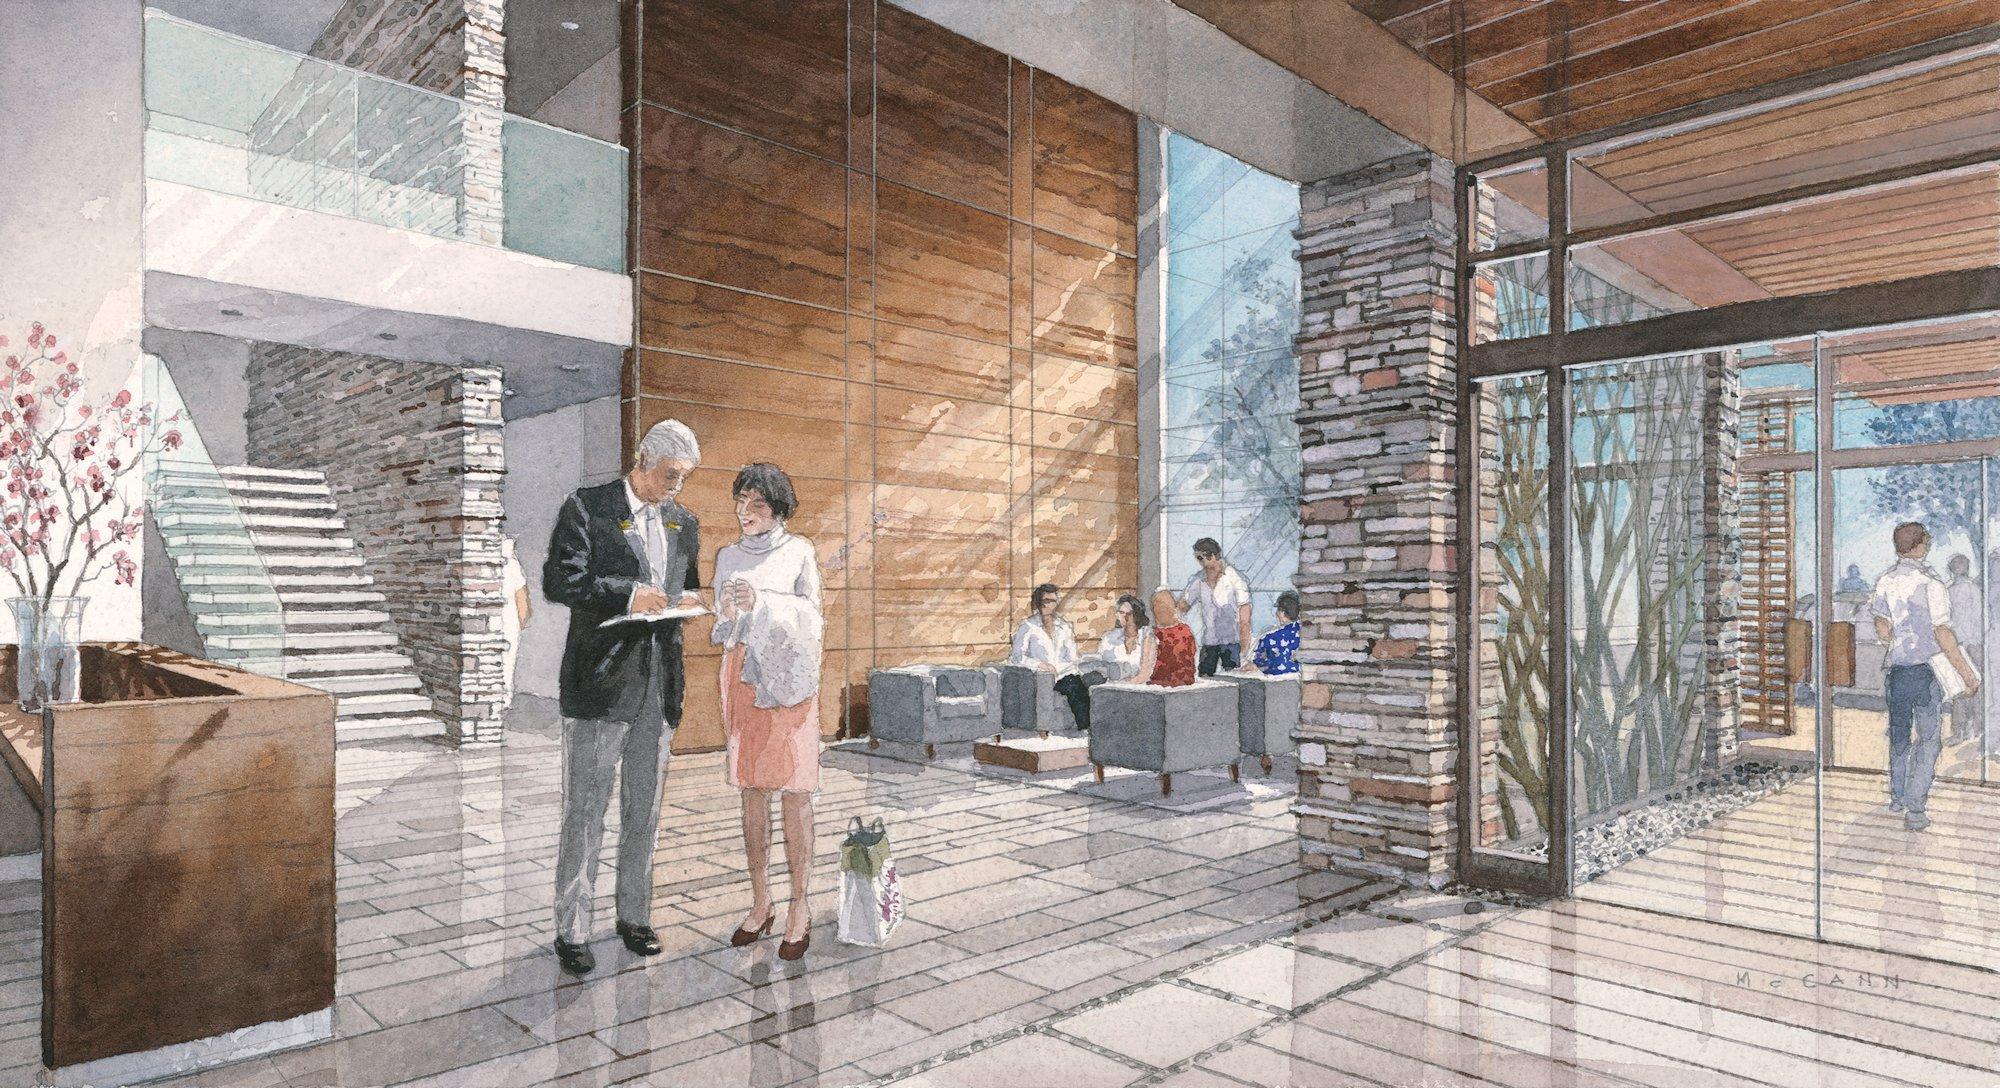 Ravine Condos Concierge Toronto, Canada